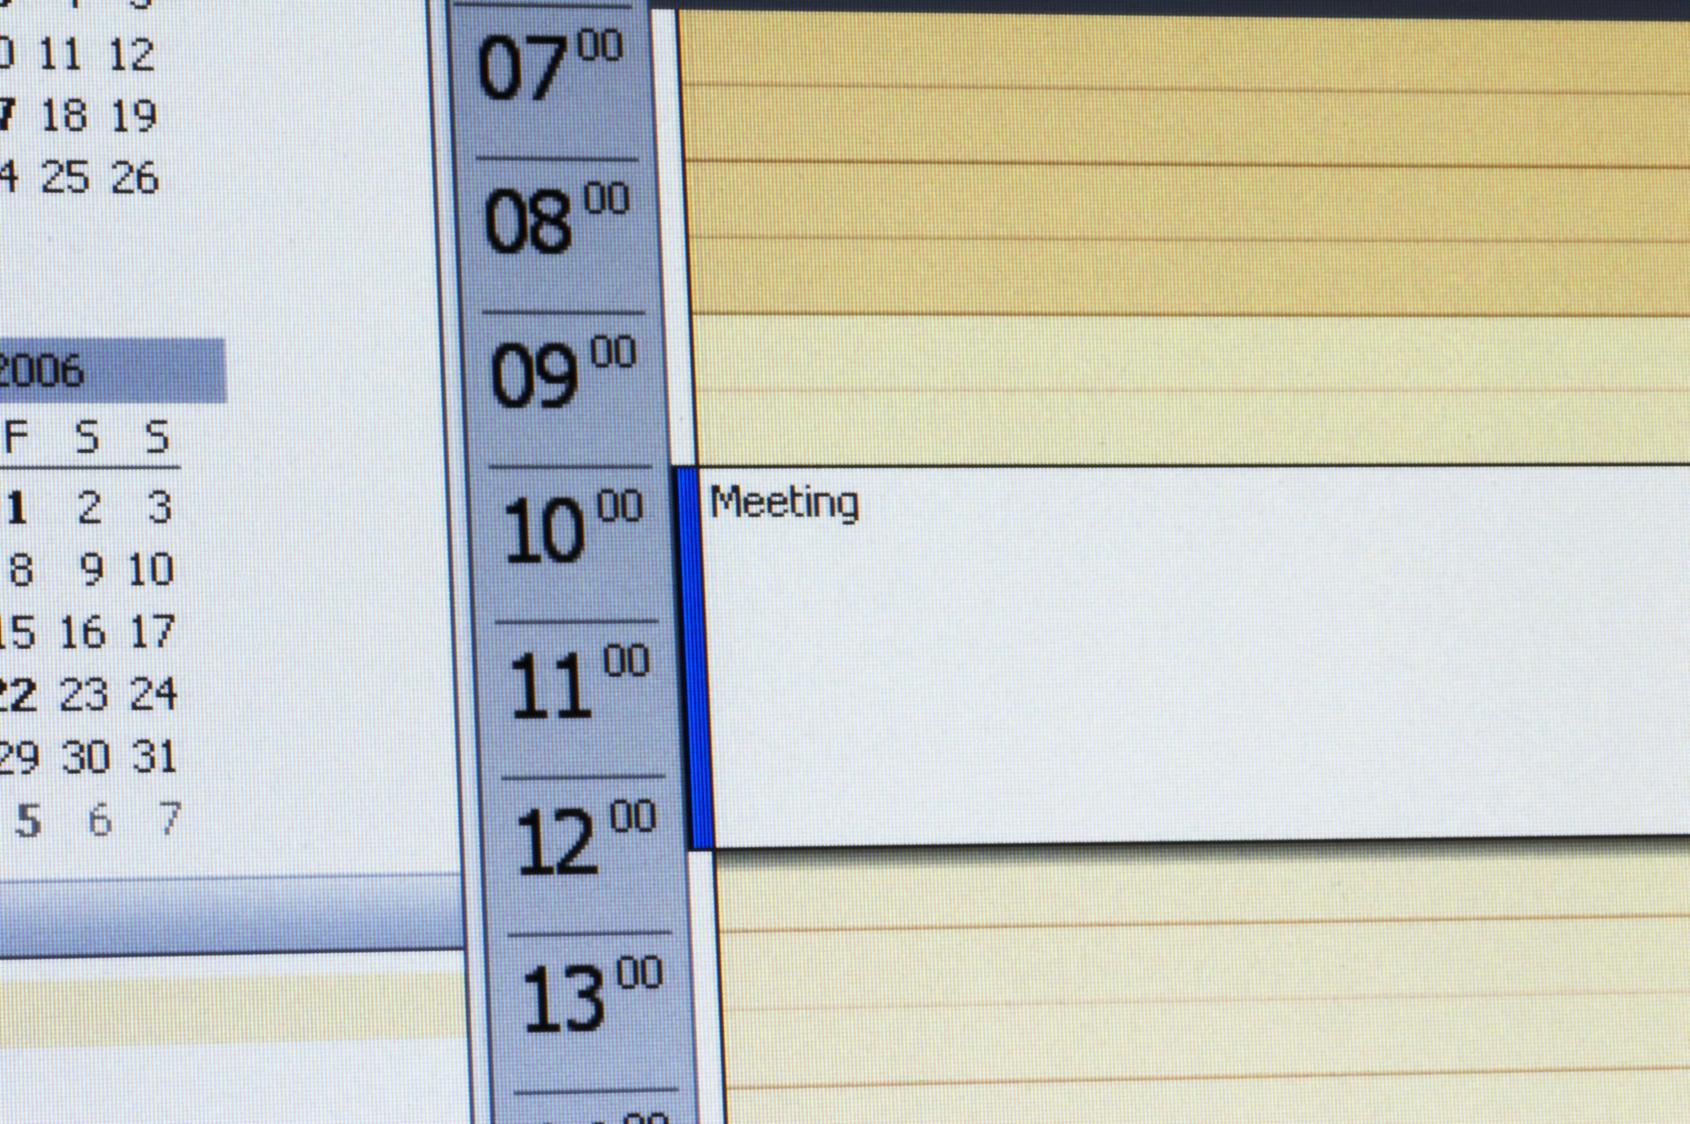 Elektronischer Gruppenkalender Ohne Mitbestimmung Des Betriebsrates